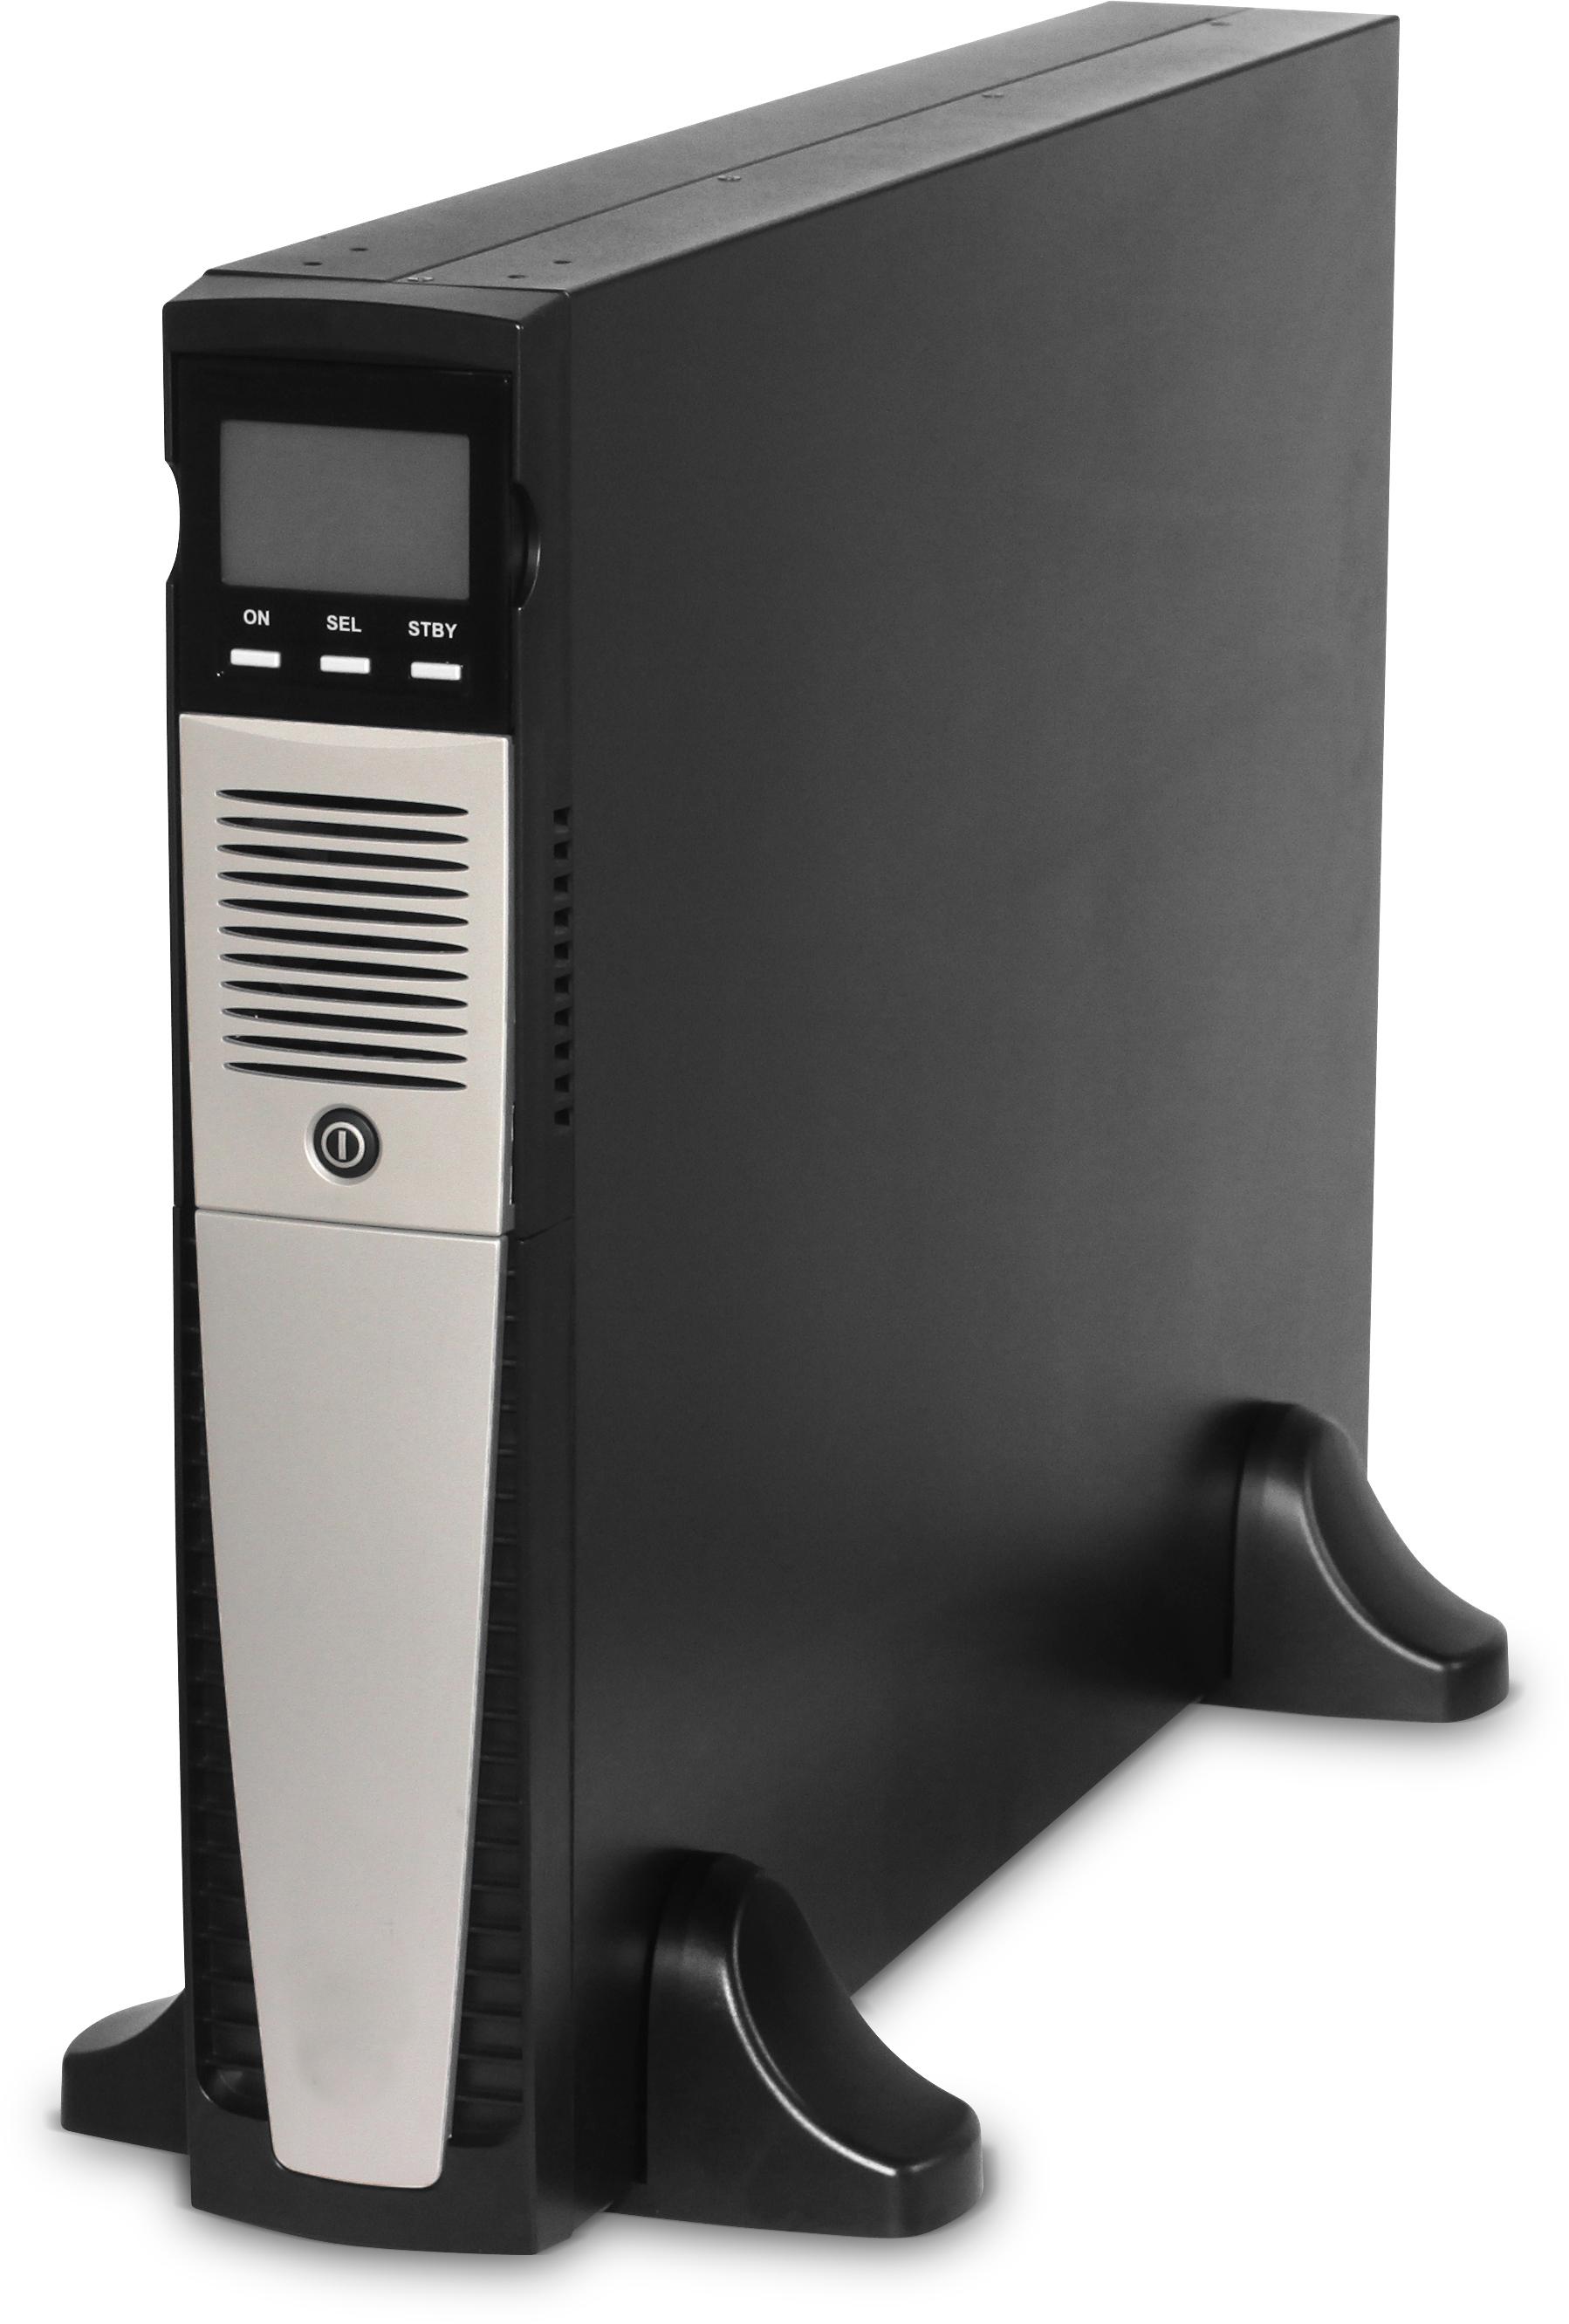 1 Stk USV GENIO Dual Midi 1500VA 1350W 5 Min.1/1ph./Online USPRD150--